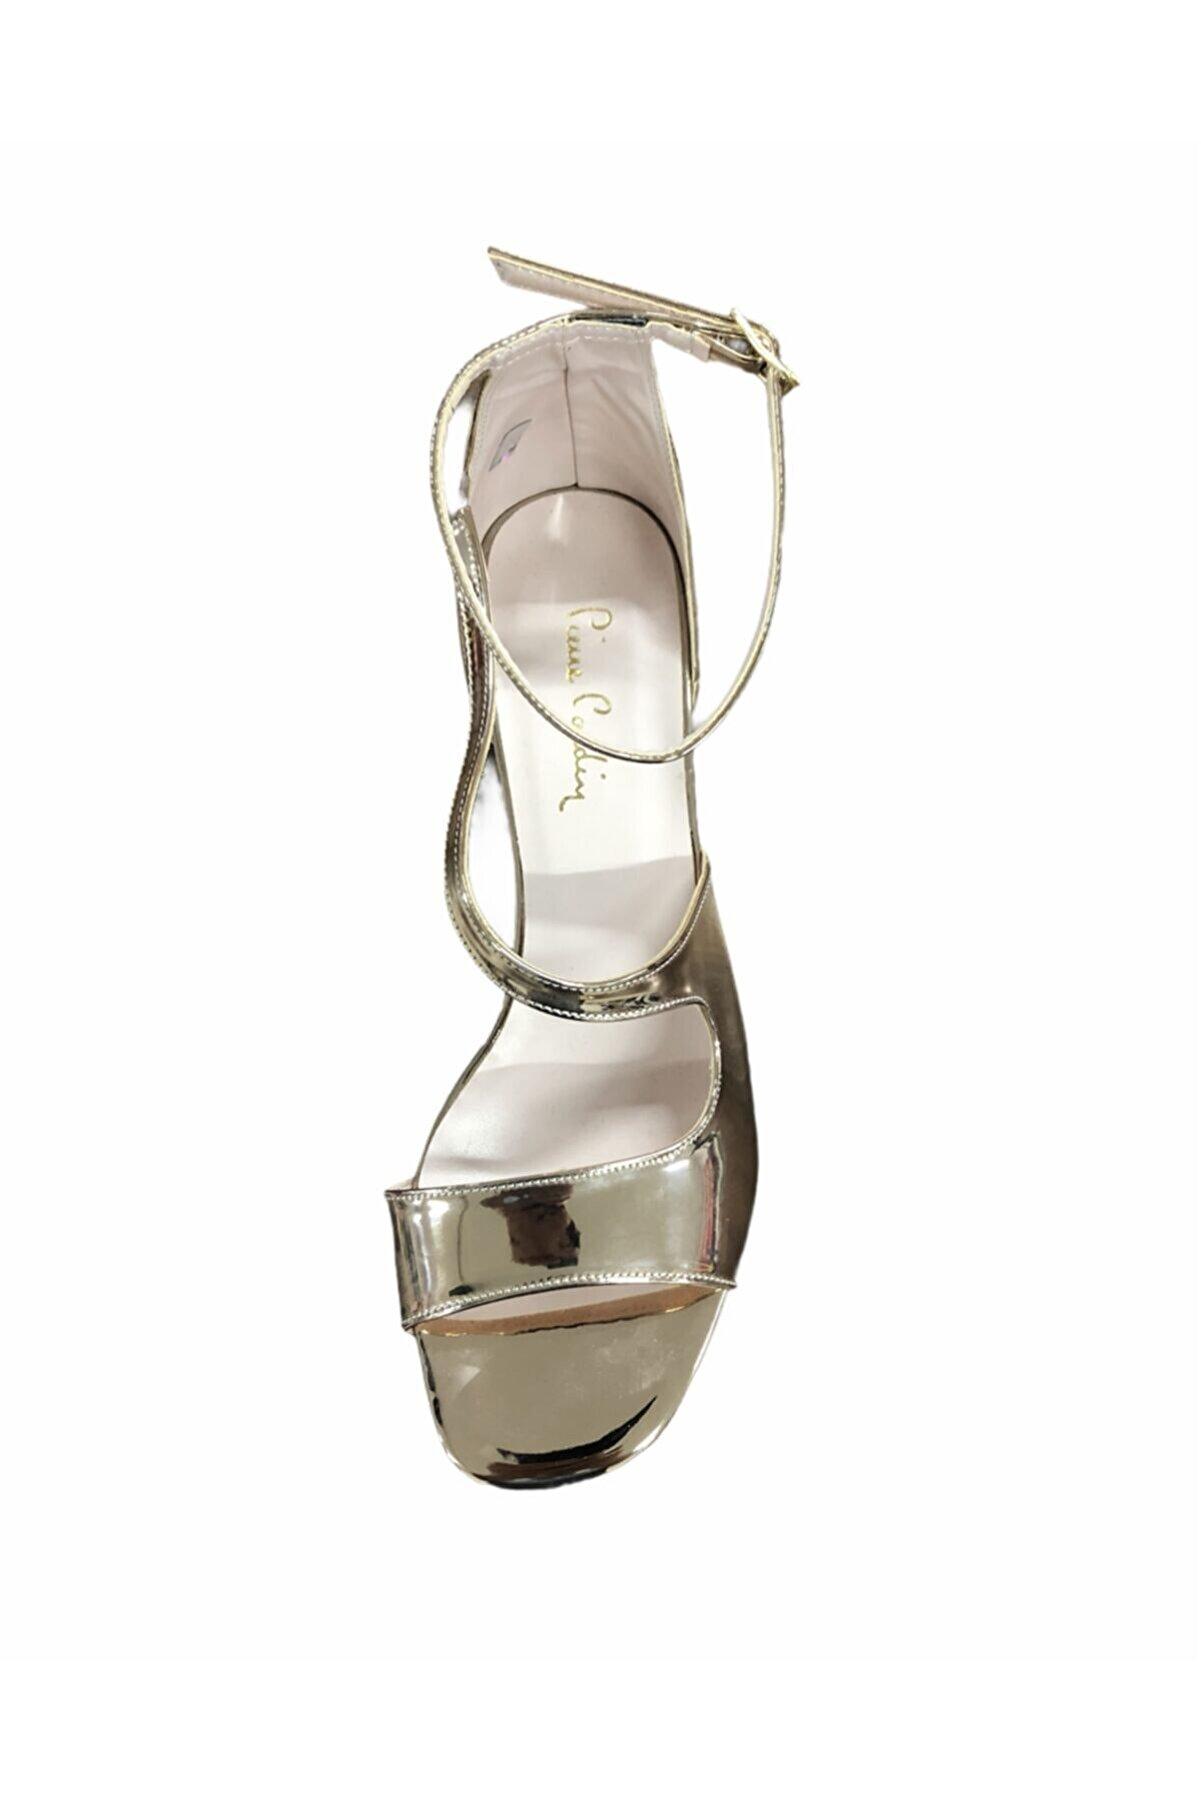 Pierre Cardin Kısa Topuk Rose Abiye Ayakkabı 54154